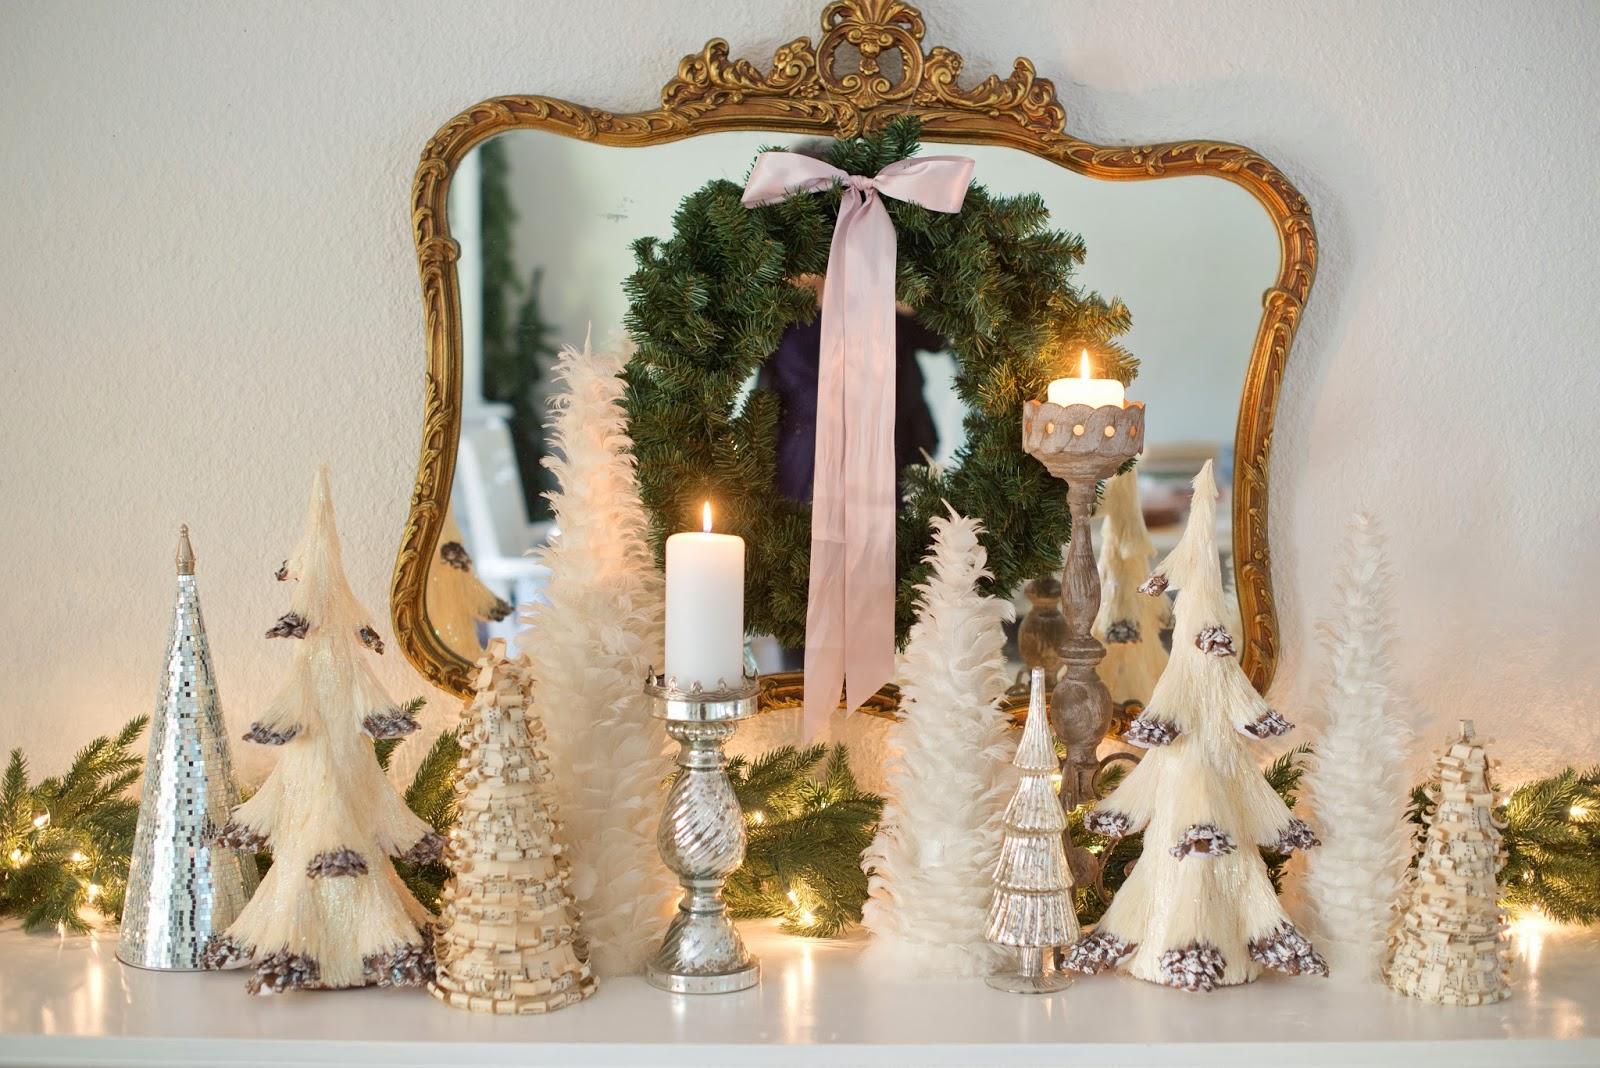 Domestic Fashionista White Tree Christmas Mantel Display